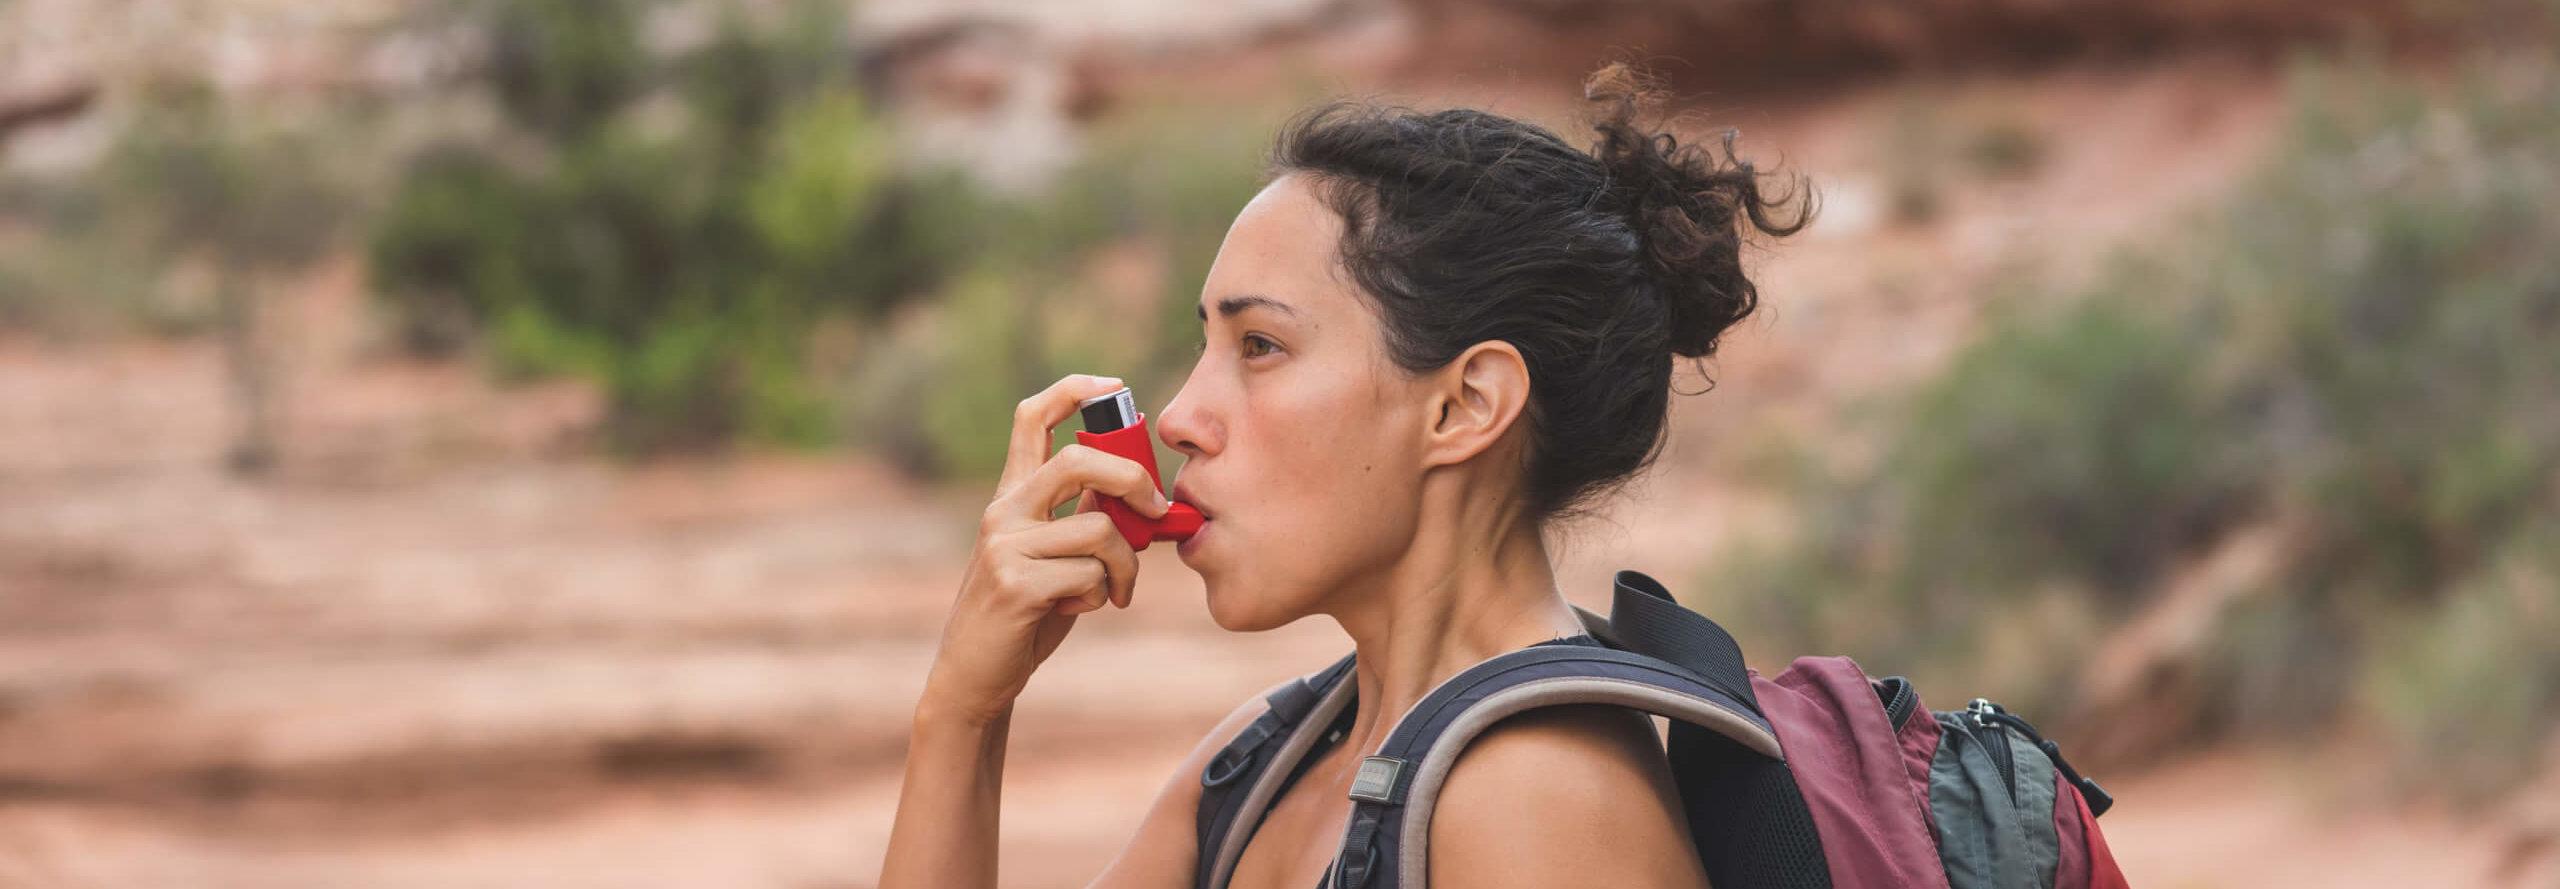 Frau mit Asthma Inhalator